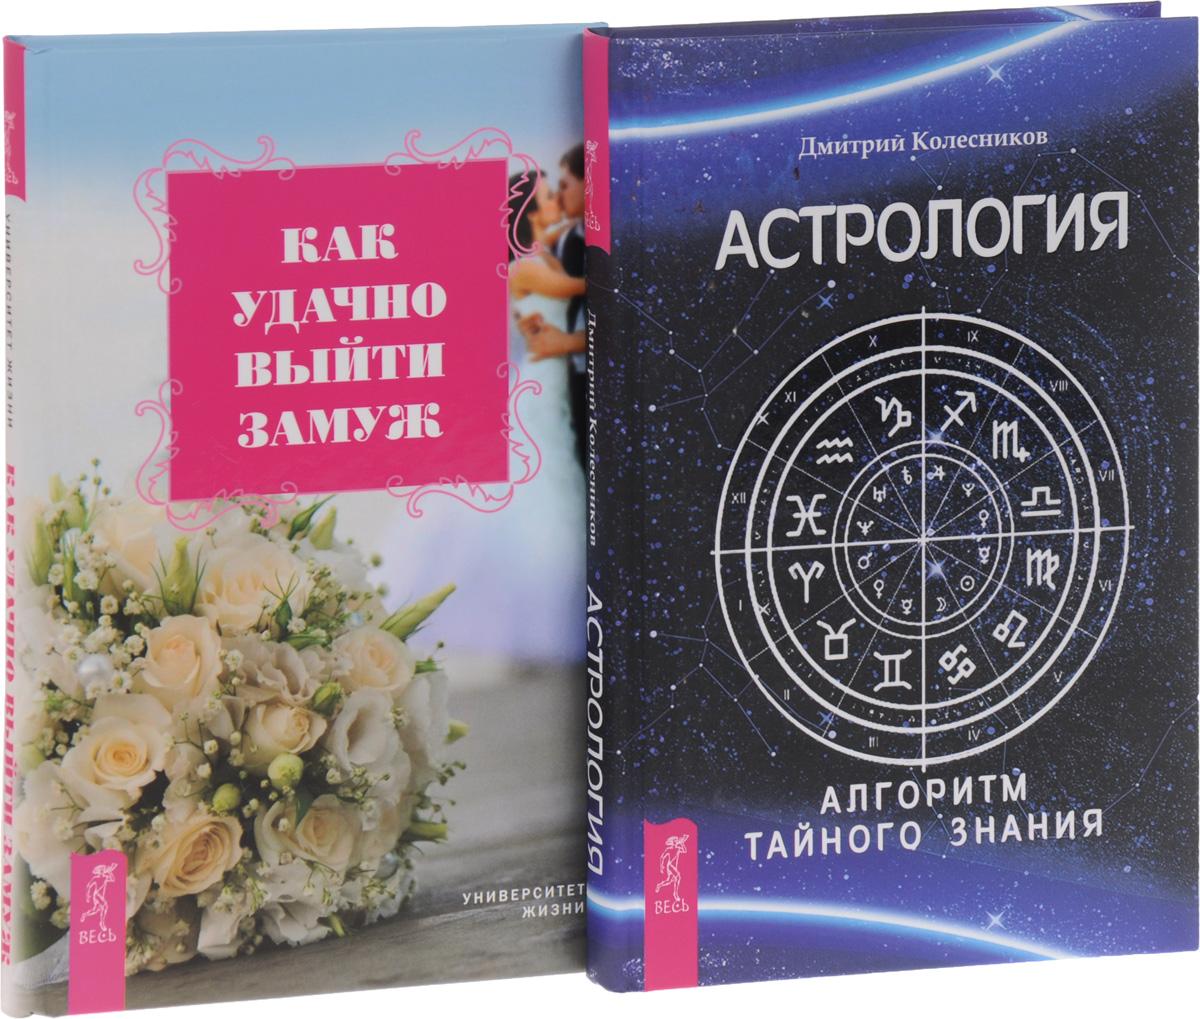 Астрология. Как удачно выйти замуж (комплект из 2 книг)